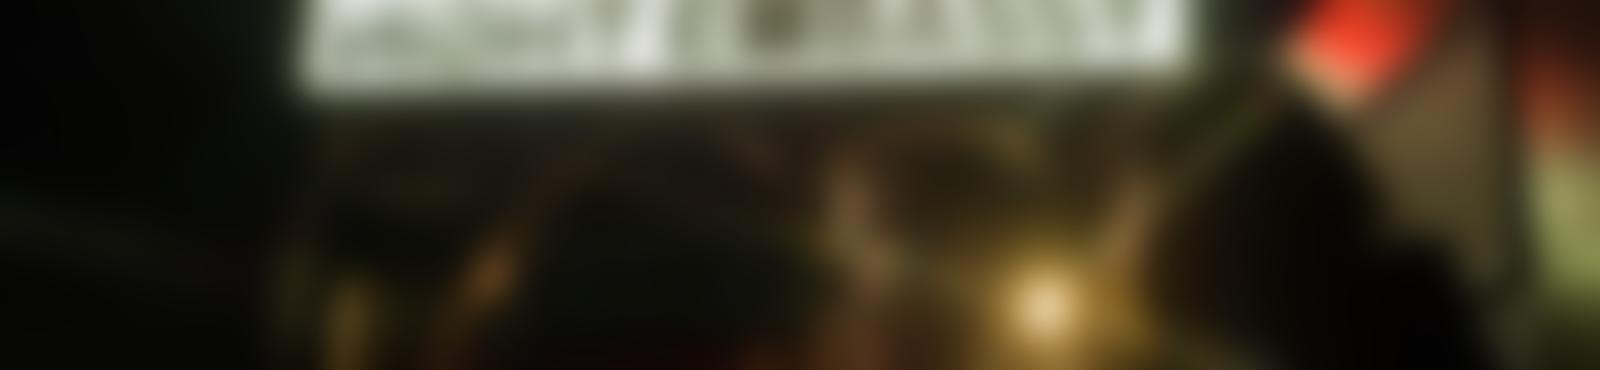 Blurred 5fc72752 5a59 45e1 a301 f9a34efcfaf6